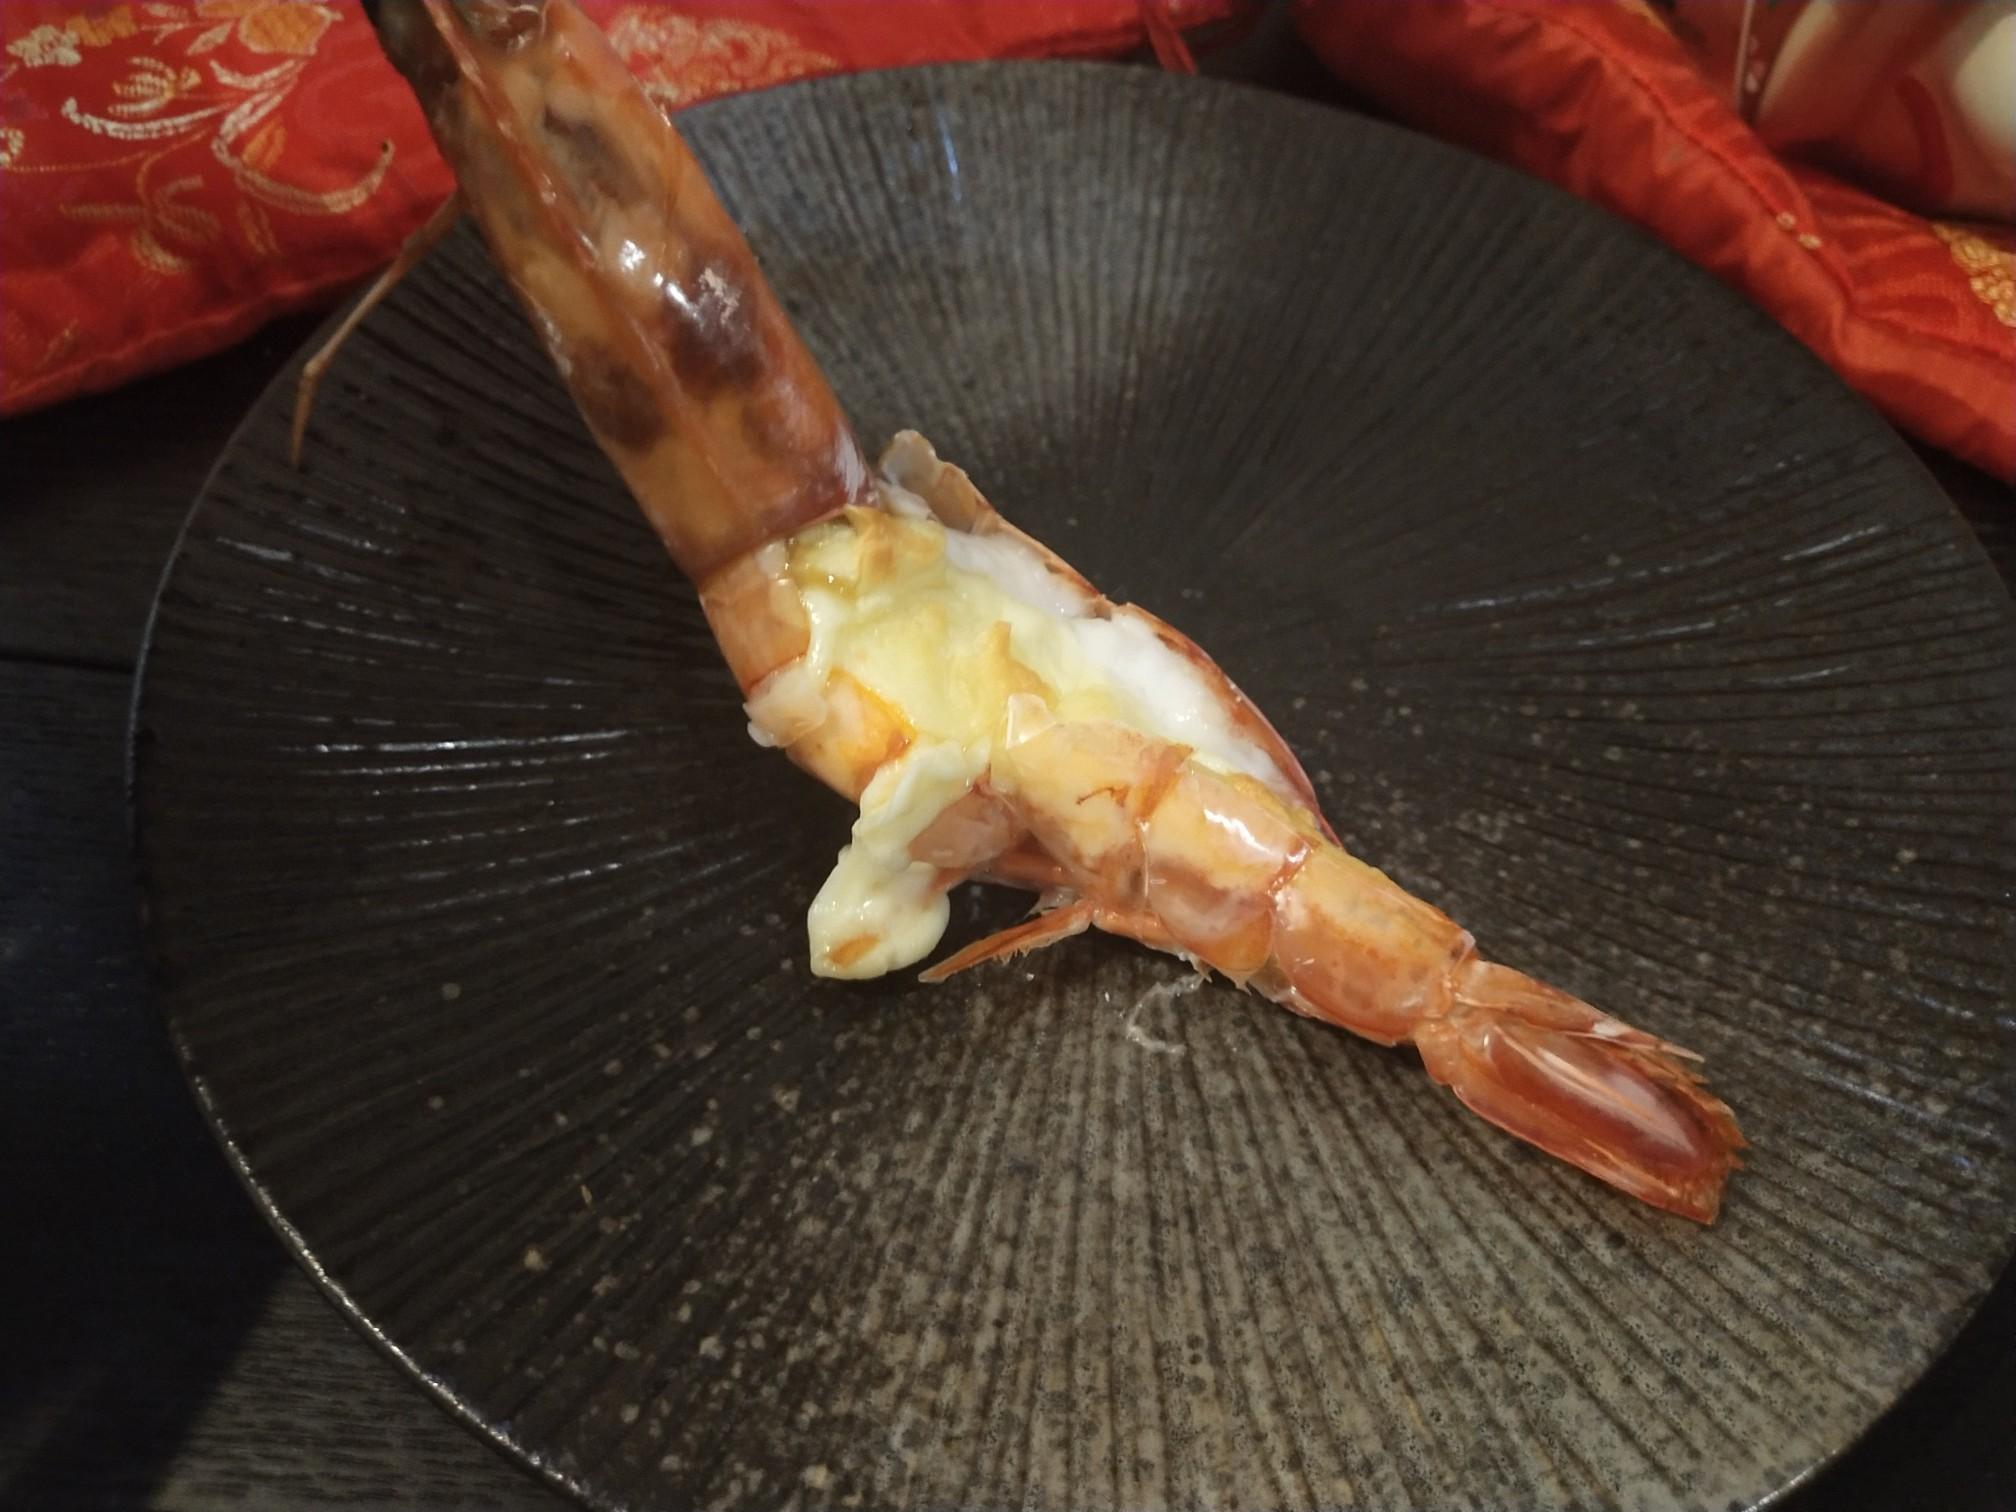 阿根廷红虾的做法_芝士焗阿根廷红虾的做法【步骤图】_菜谱_美食杰